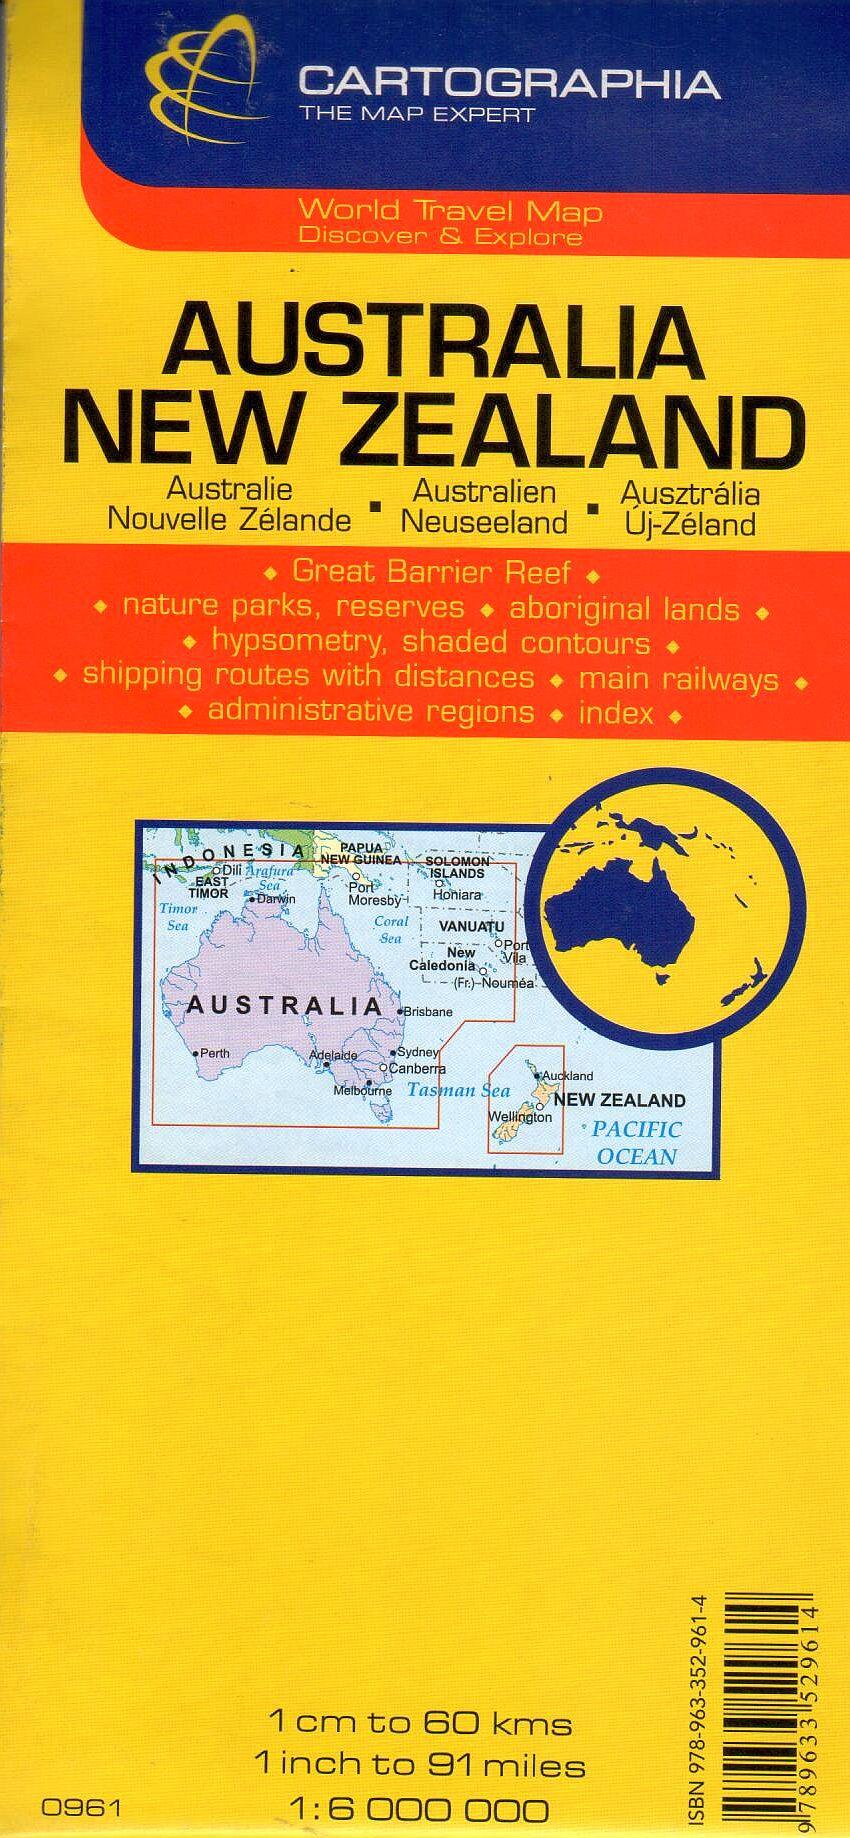 Az Ausztrália / Új-Zéland térkép által lefedett terület